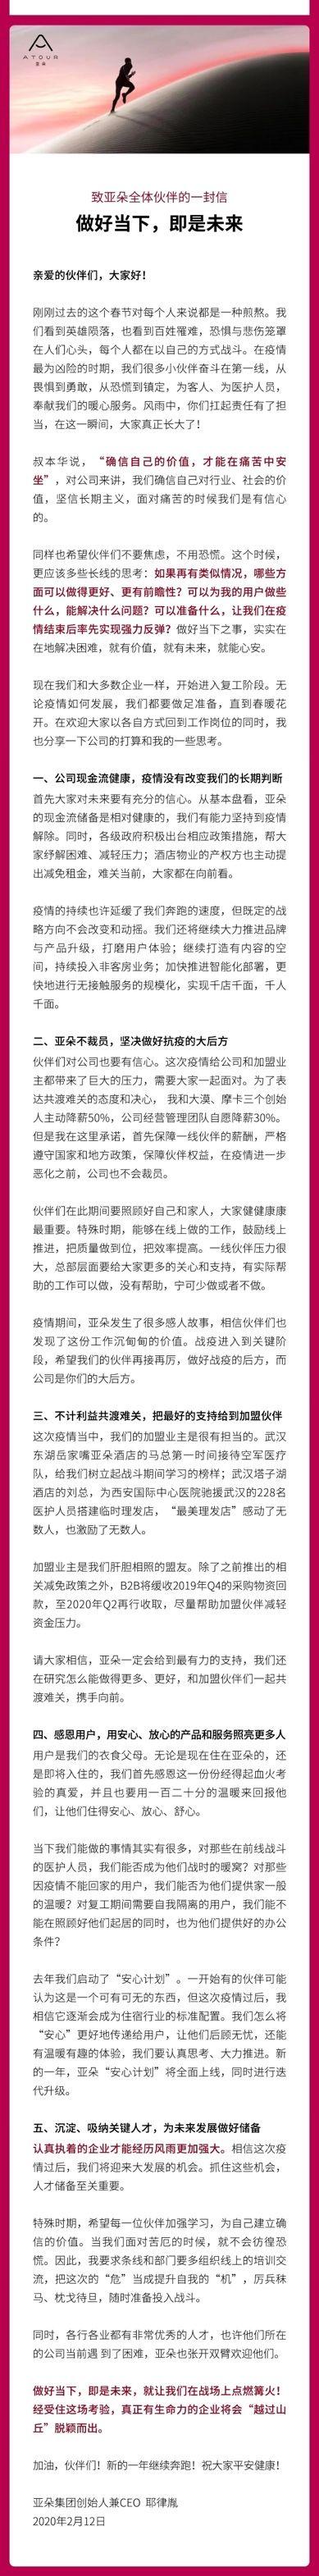 亚朵耶律胤:现金储备相对健康,管理团队降薪保障一线